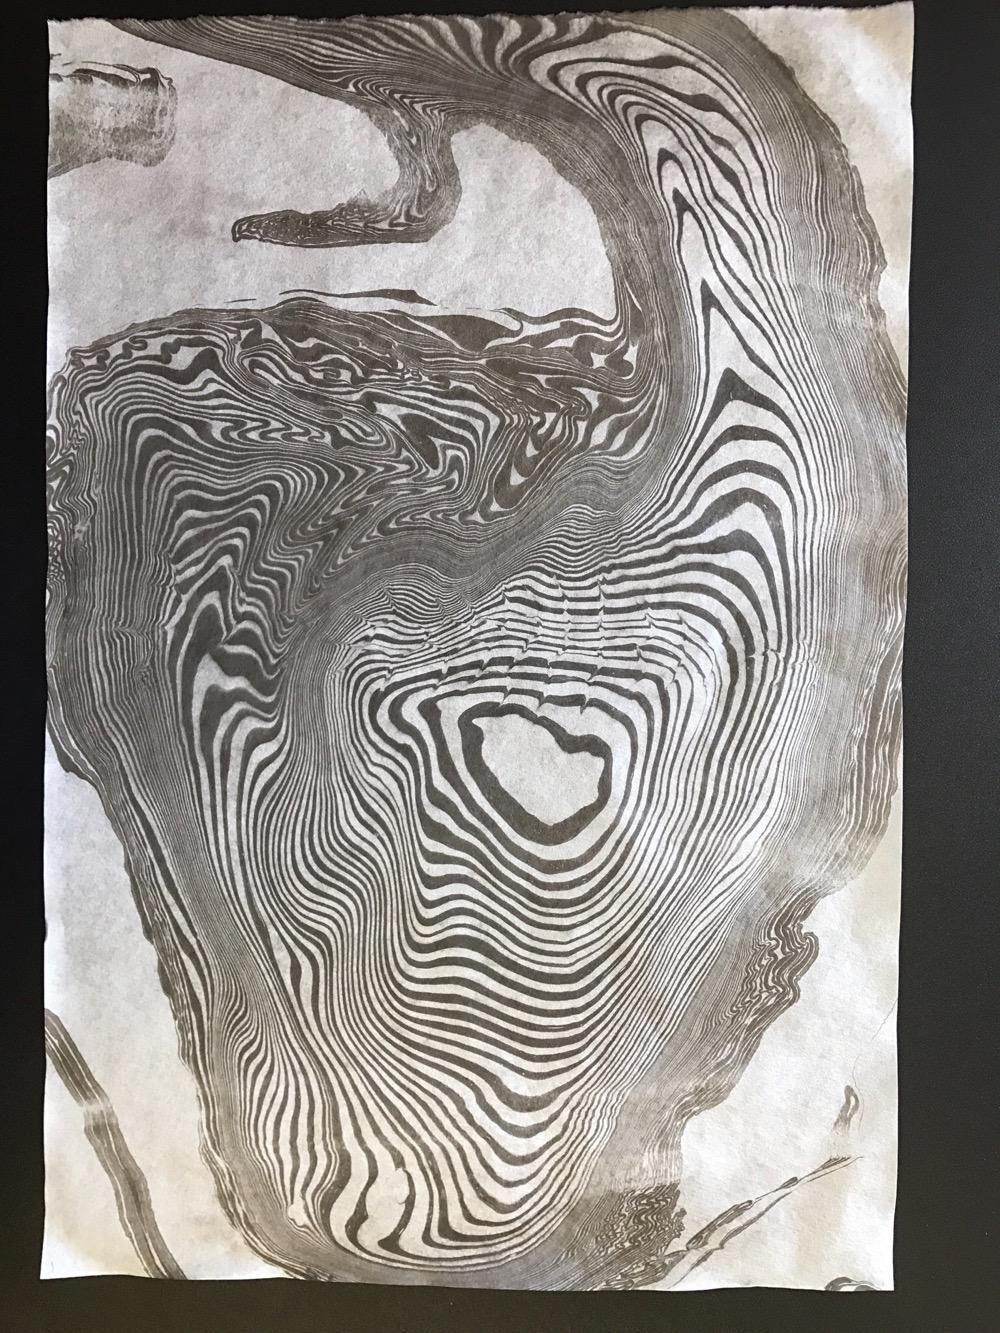 Mandy's Suminagashi - image 4 - student project